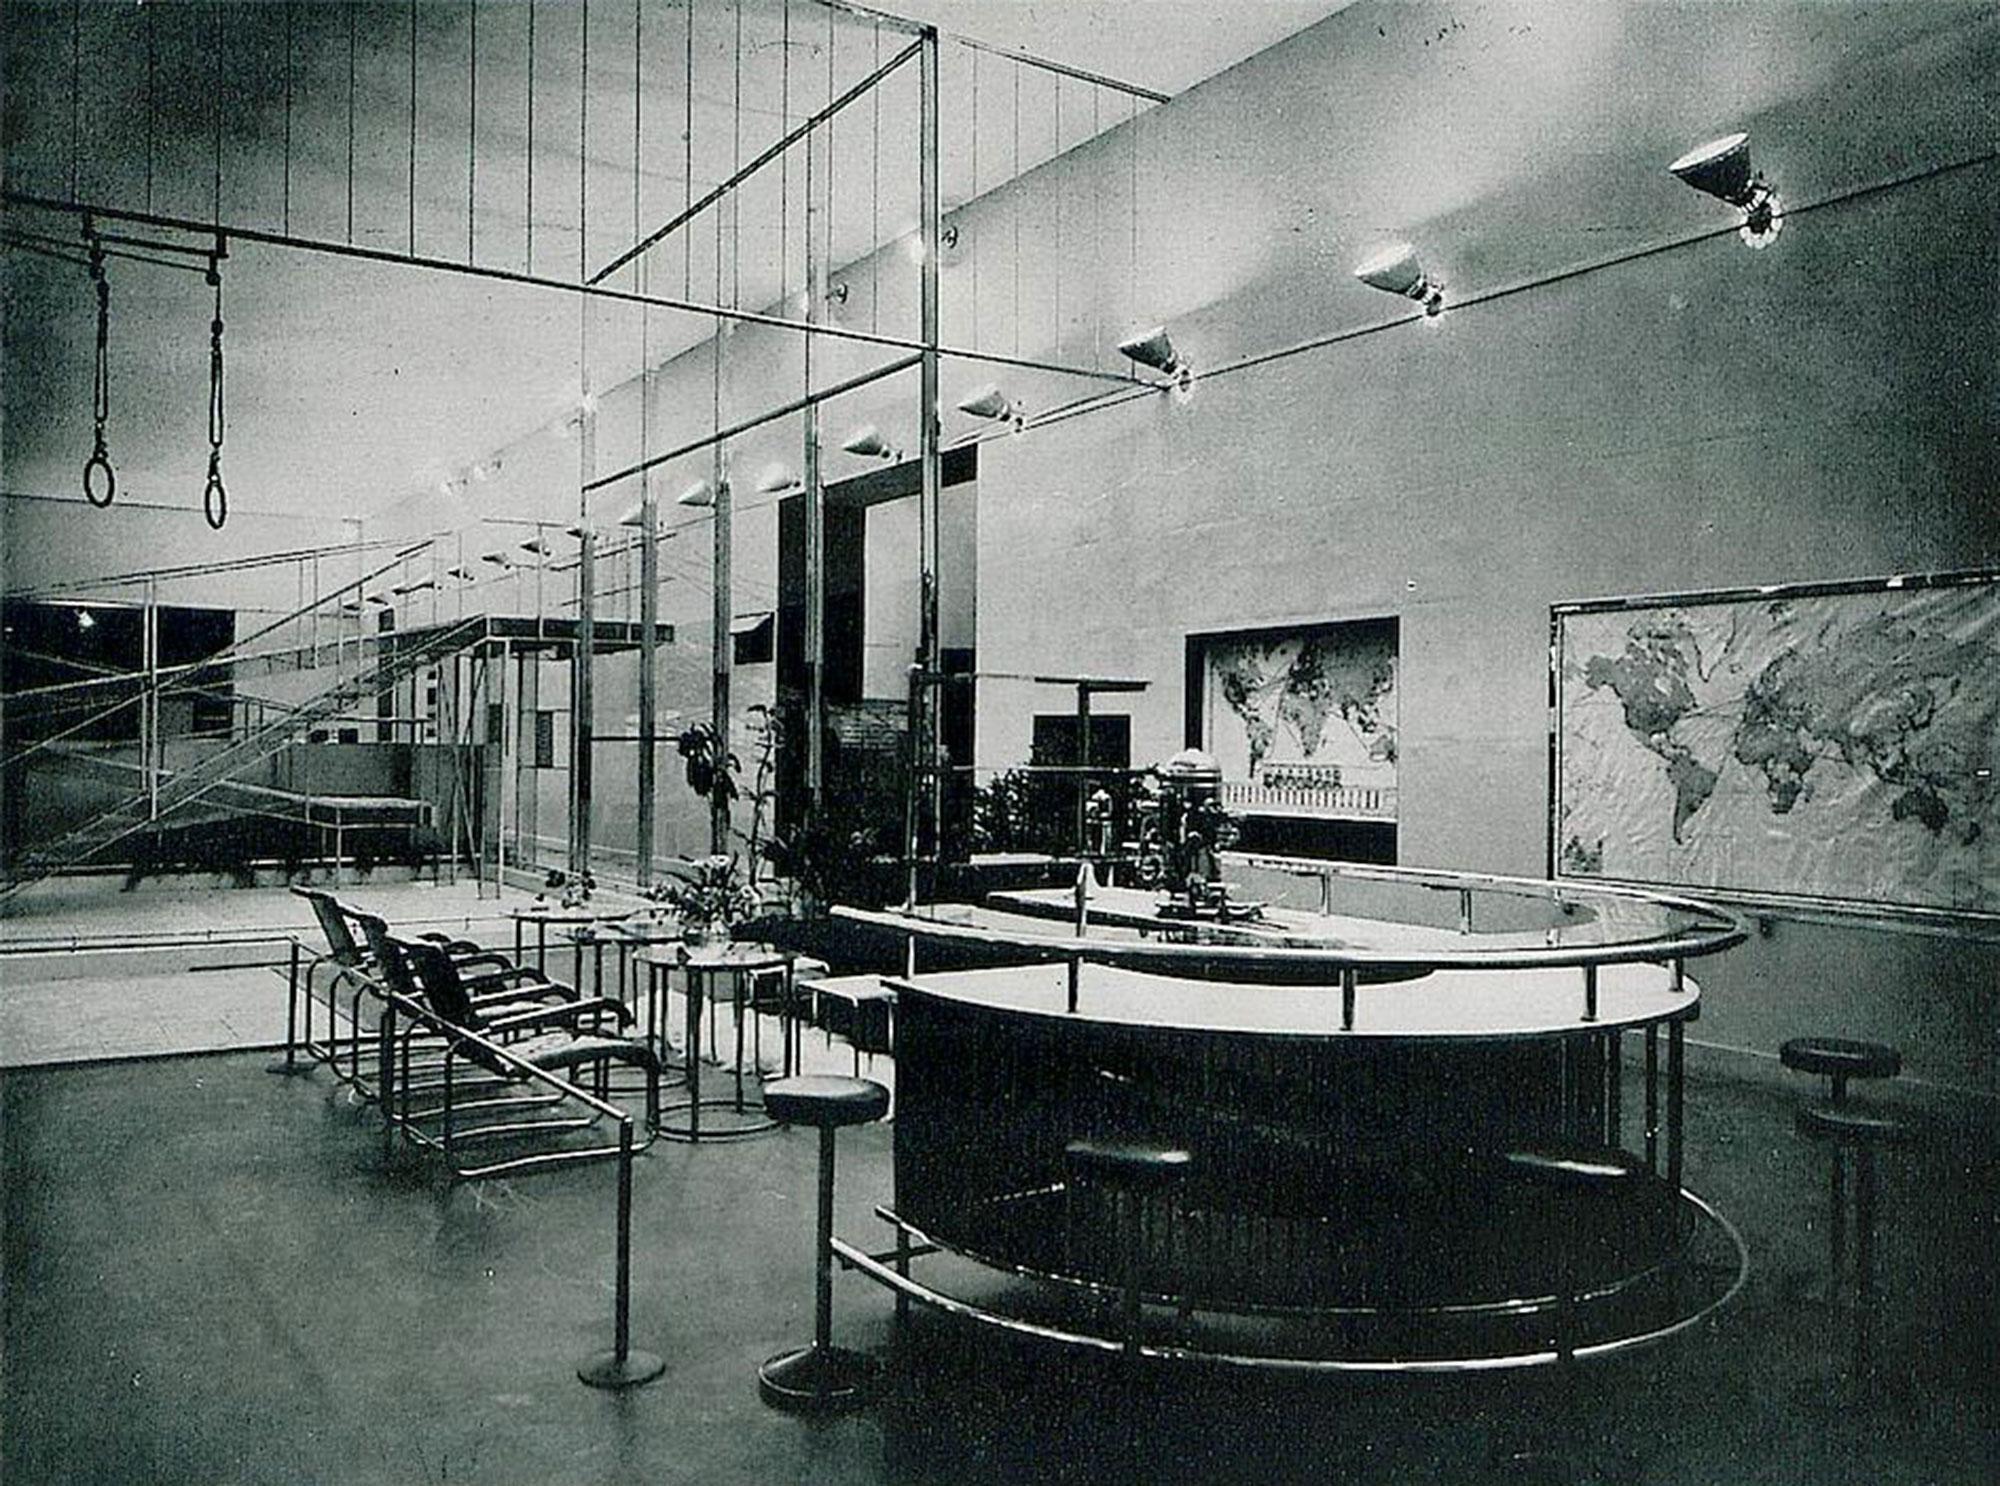 Το Bauhaus και ο πειρασμός του στιλ